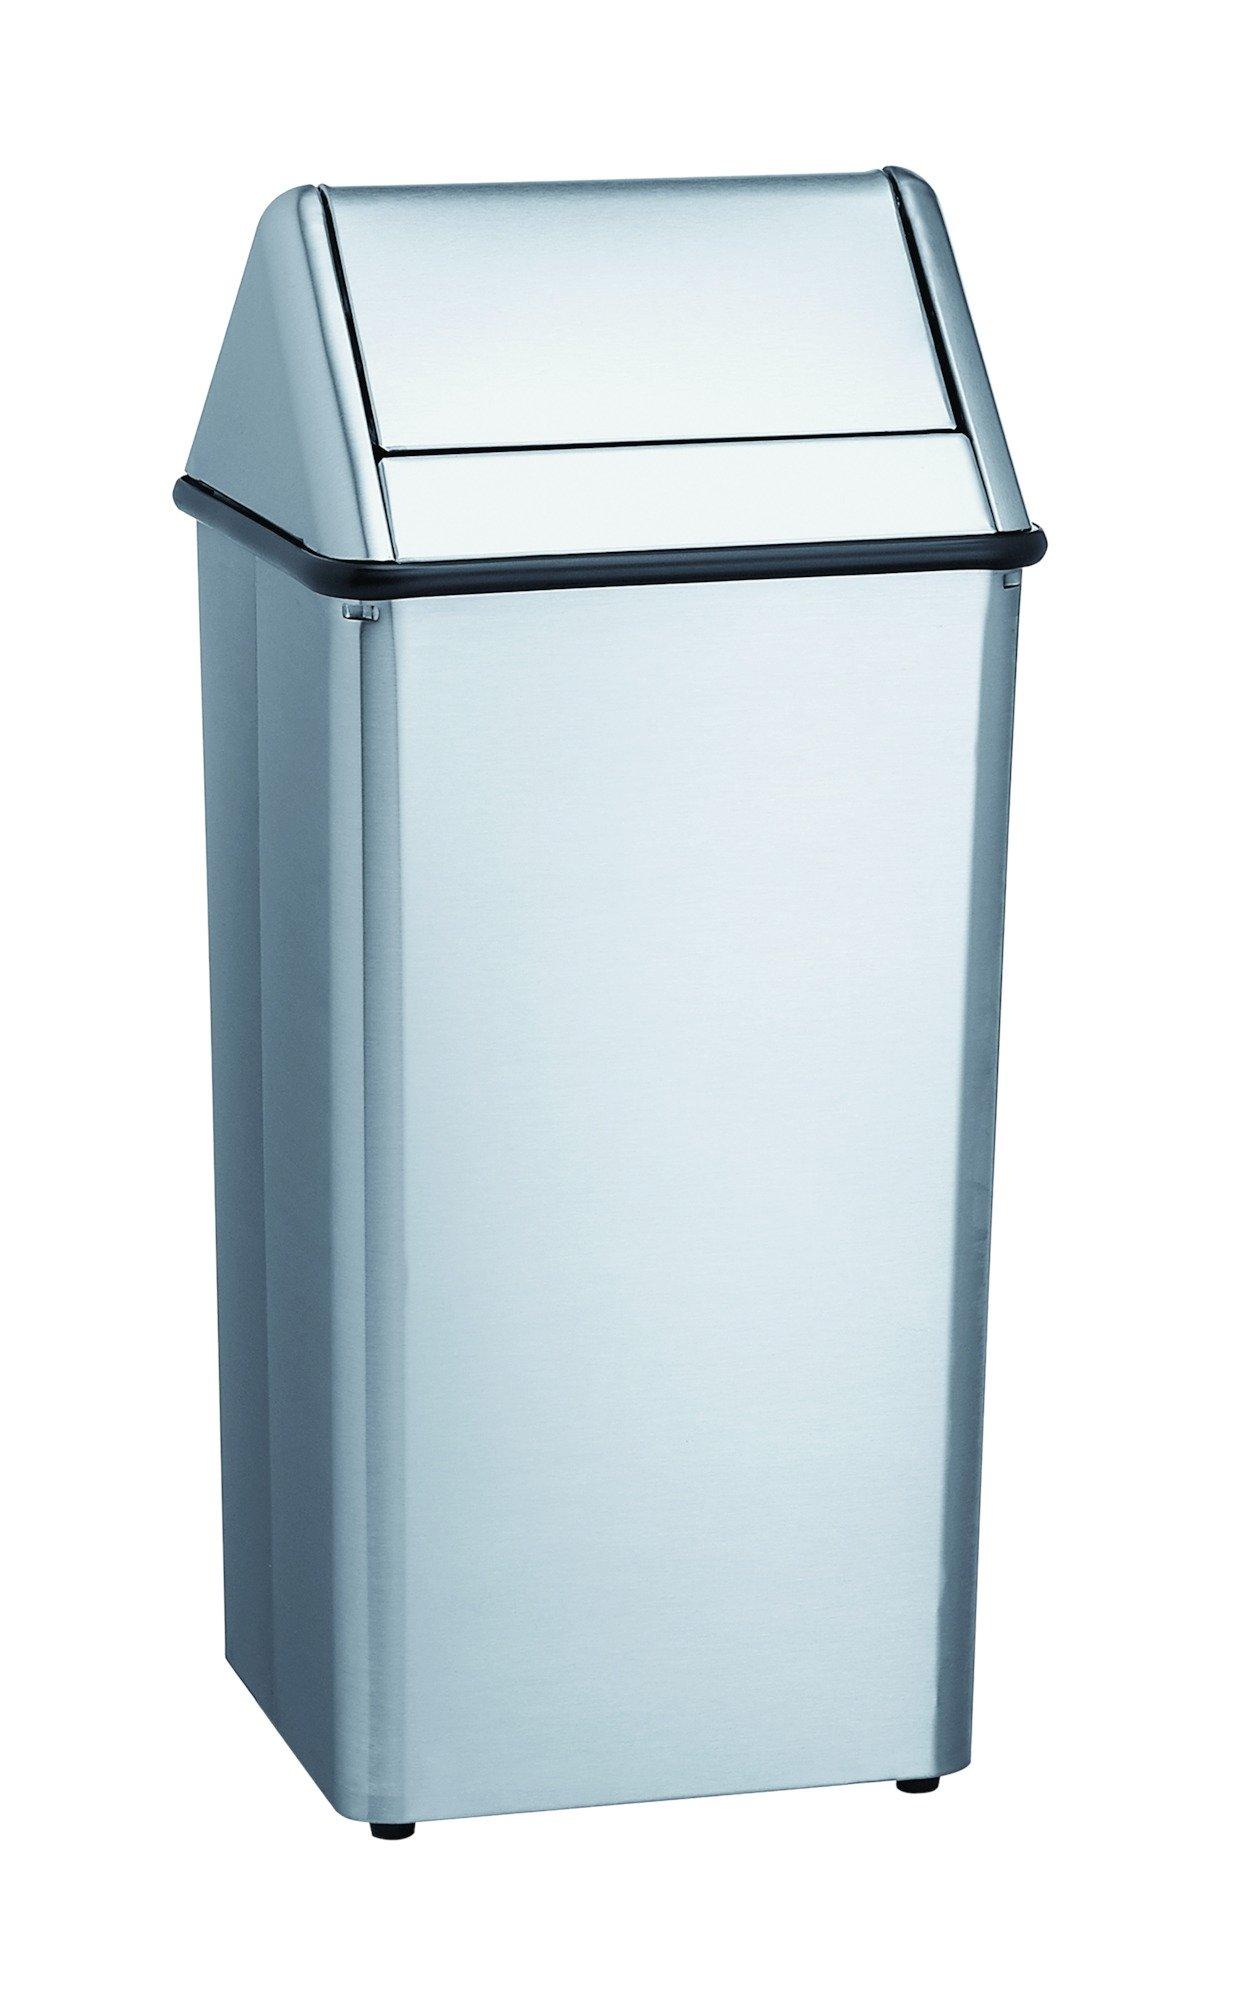 Bradley Towel Dispenser Waste Receptacle 377 | Accurate Door & Hardware